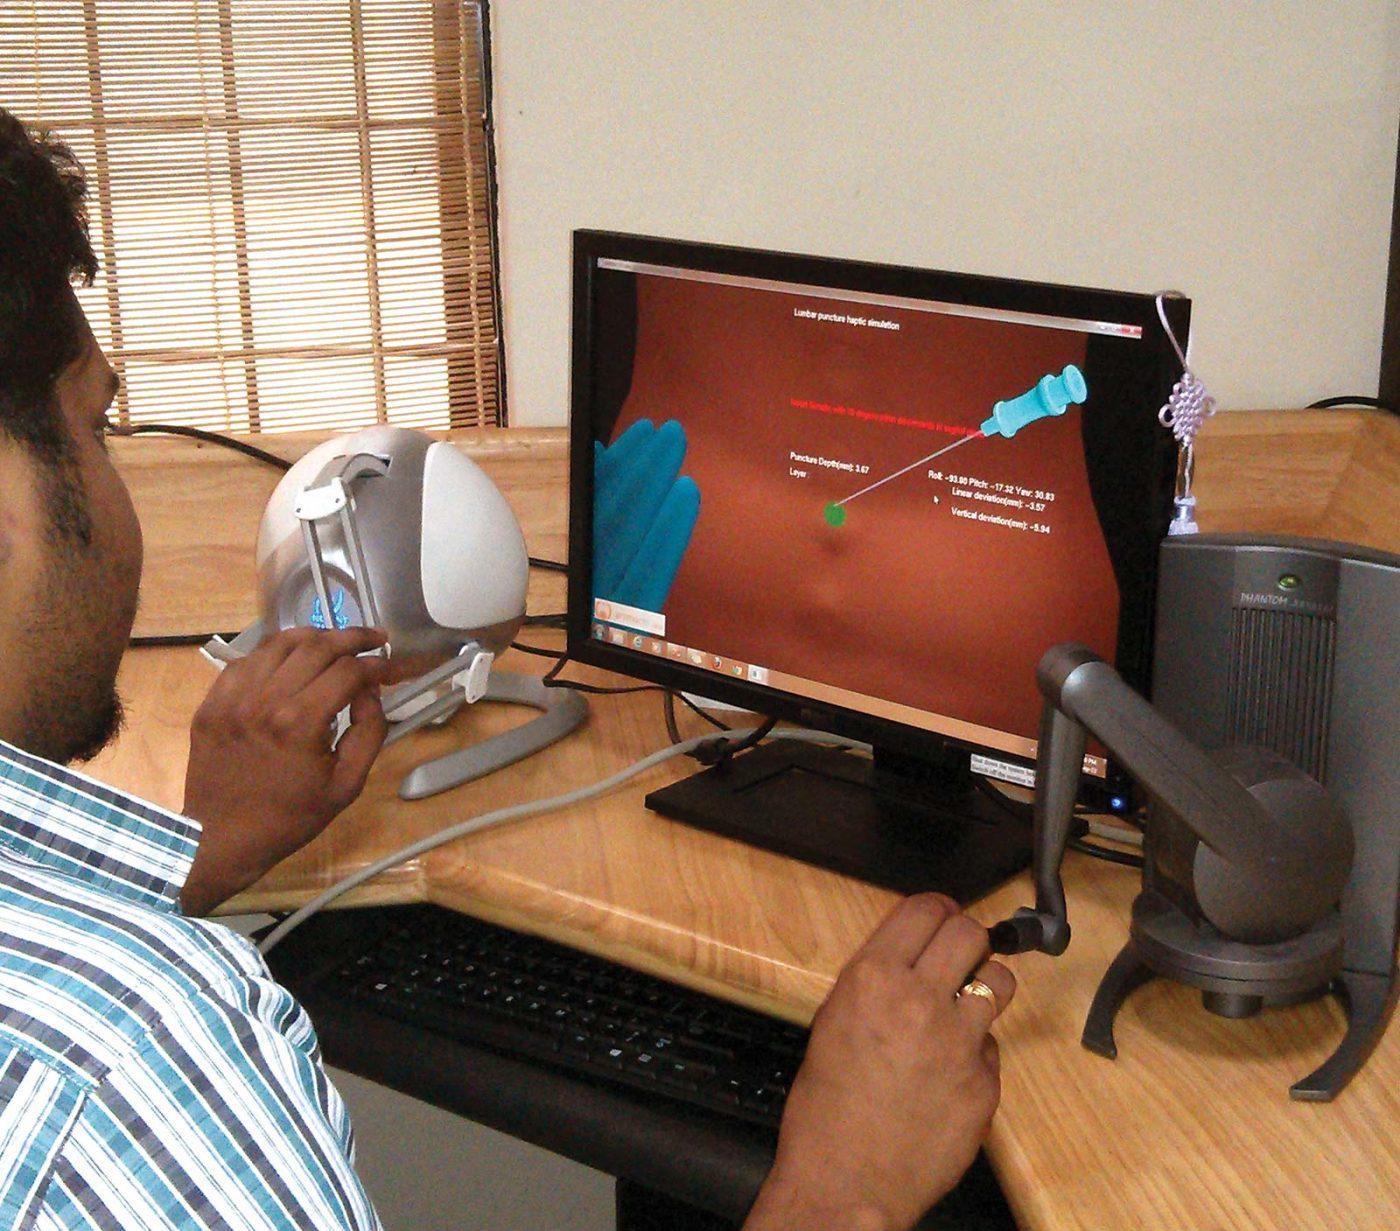 Lumbar Simulator in action